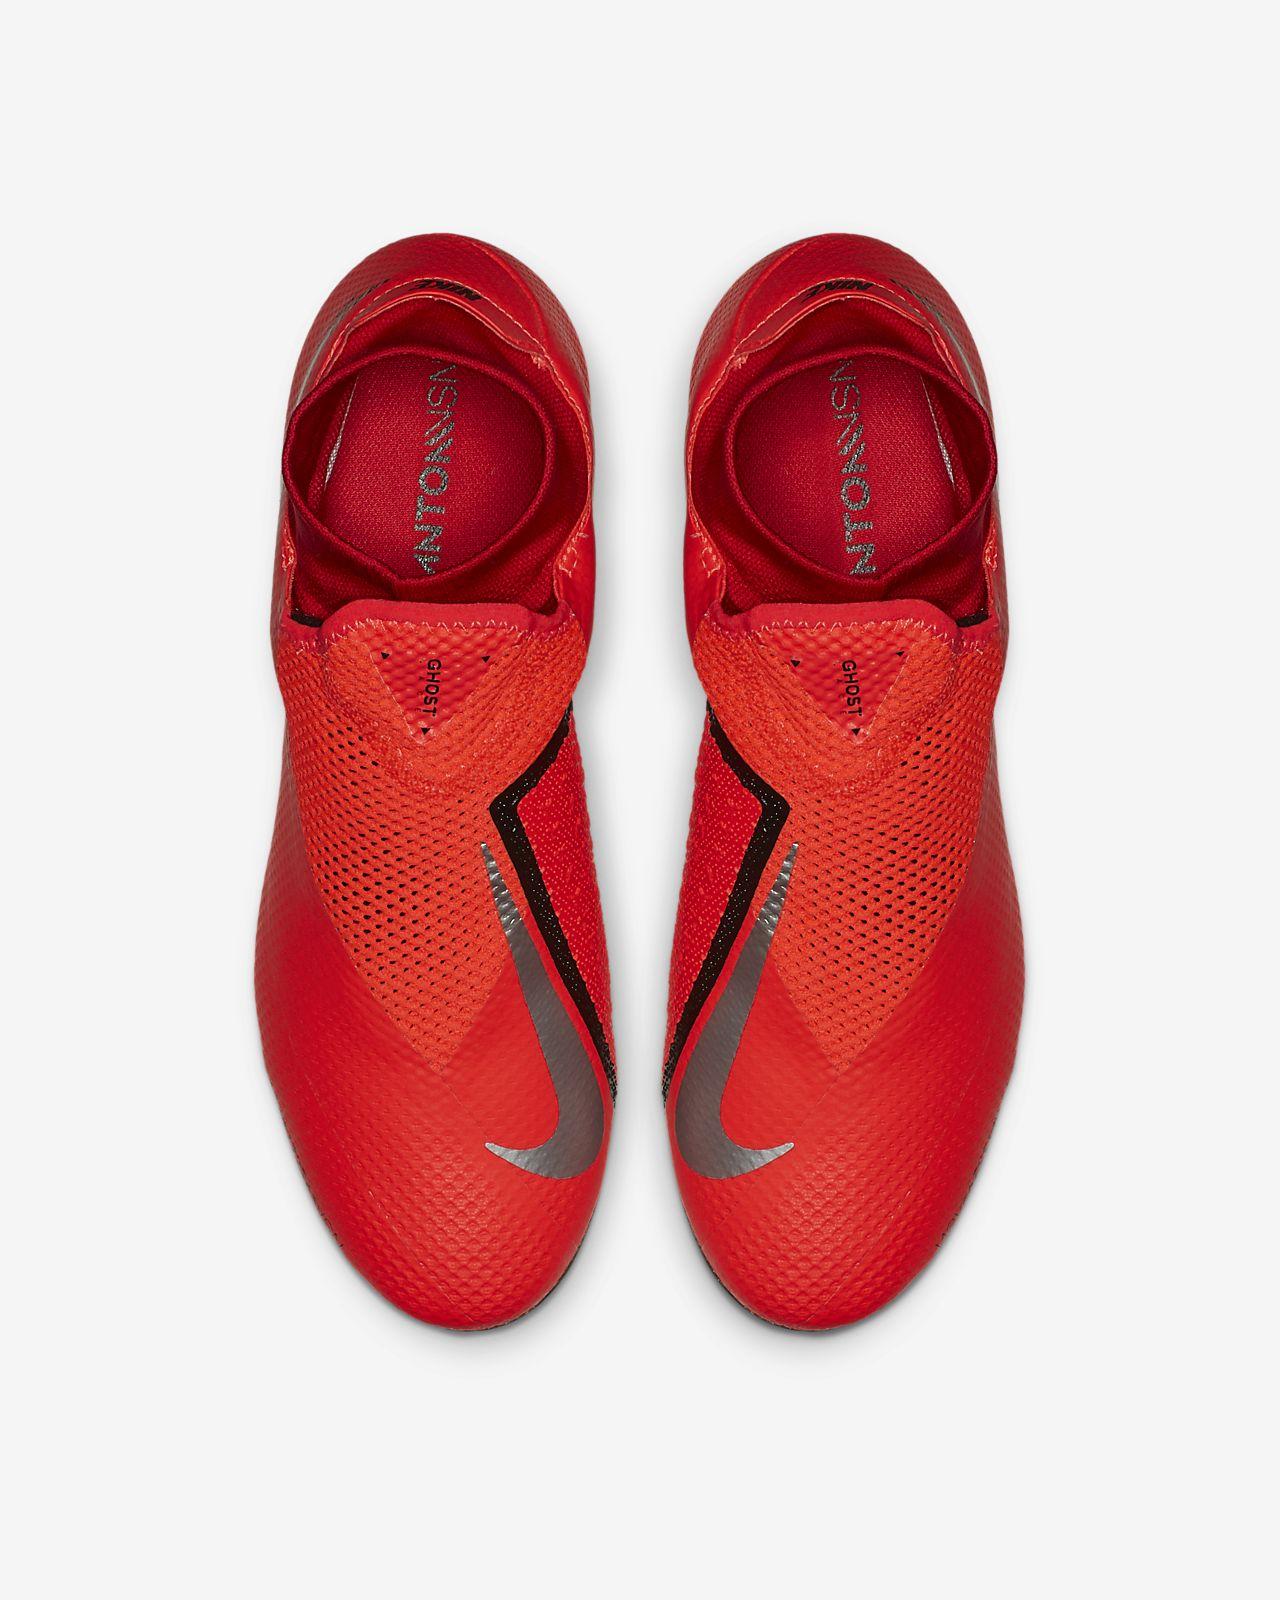 info for 6446f f8e36 ... Nike Phantom Vision Elite Dynamic Fit AG-Pro fotballsko til kunstgress